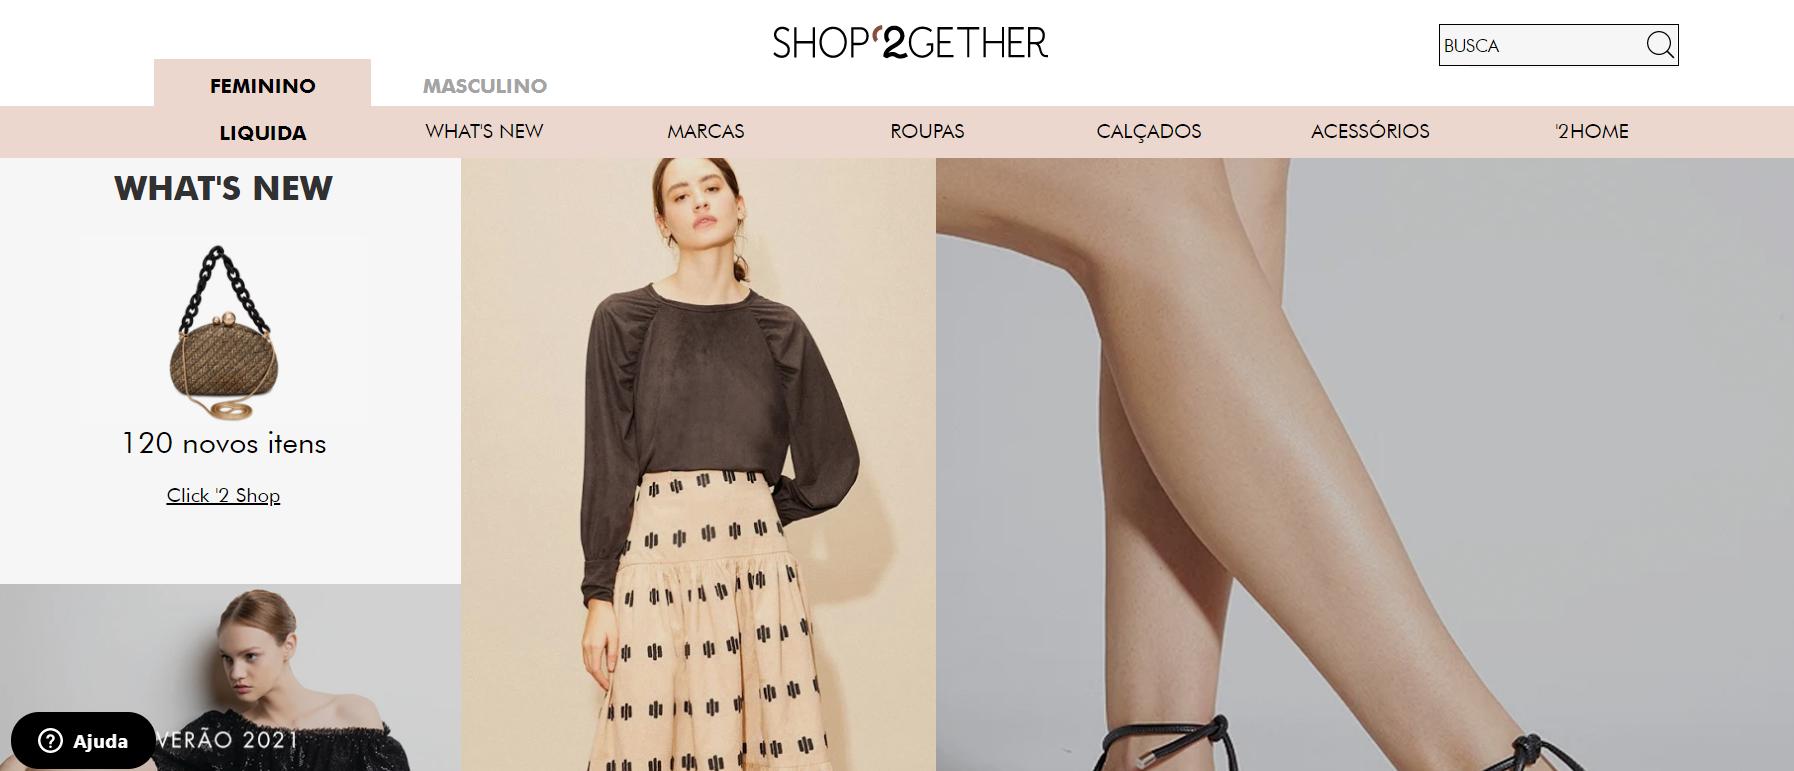 Shop2gether é confiável 1